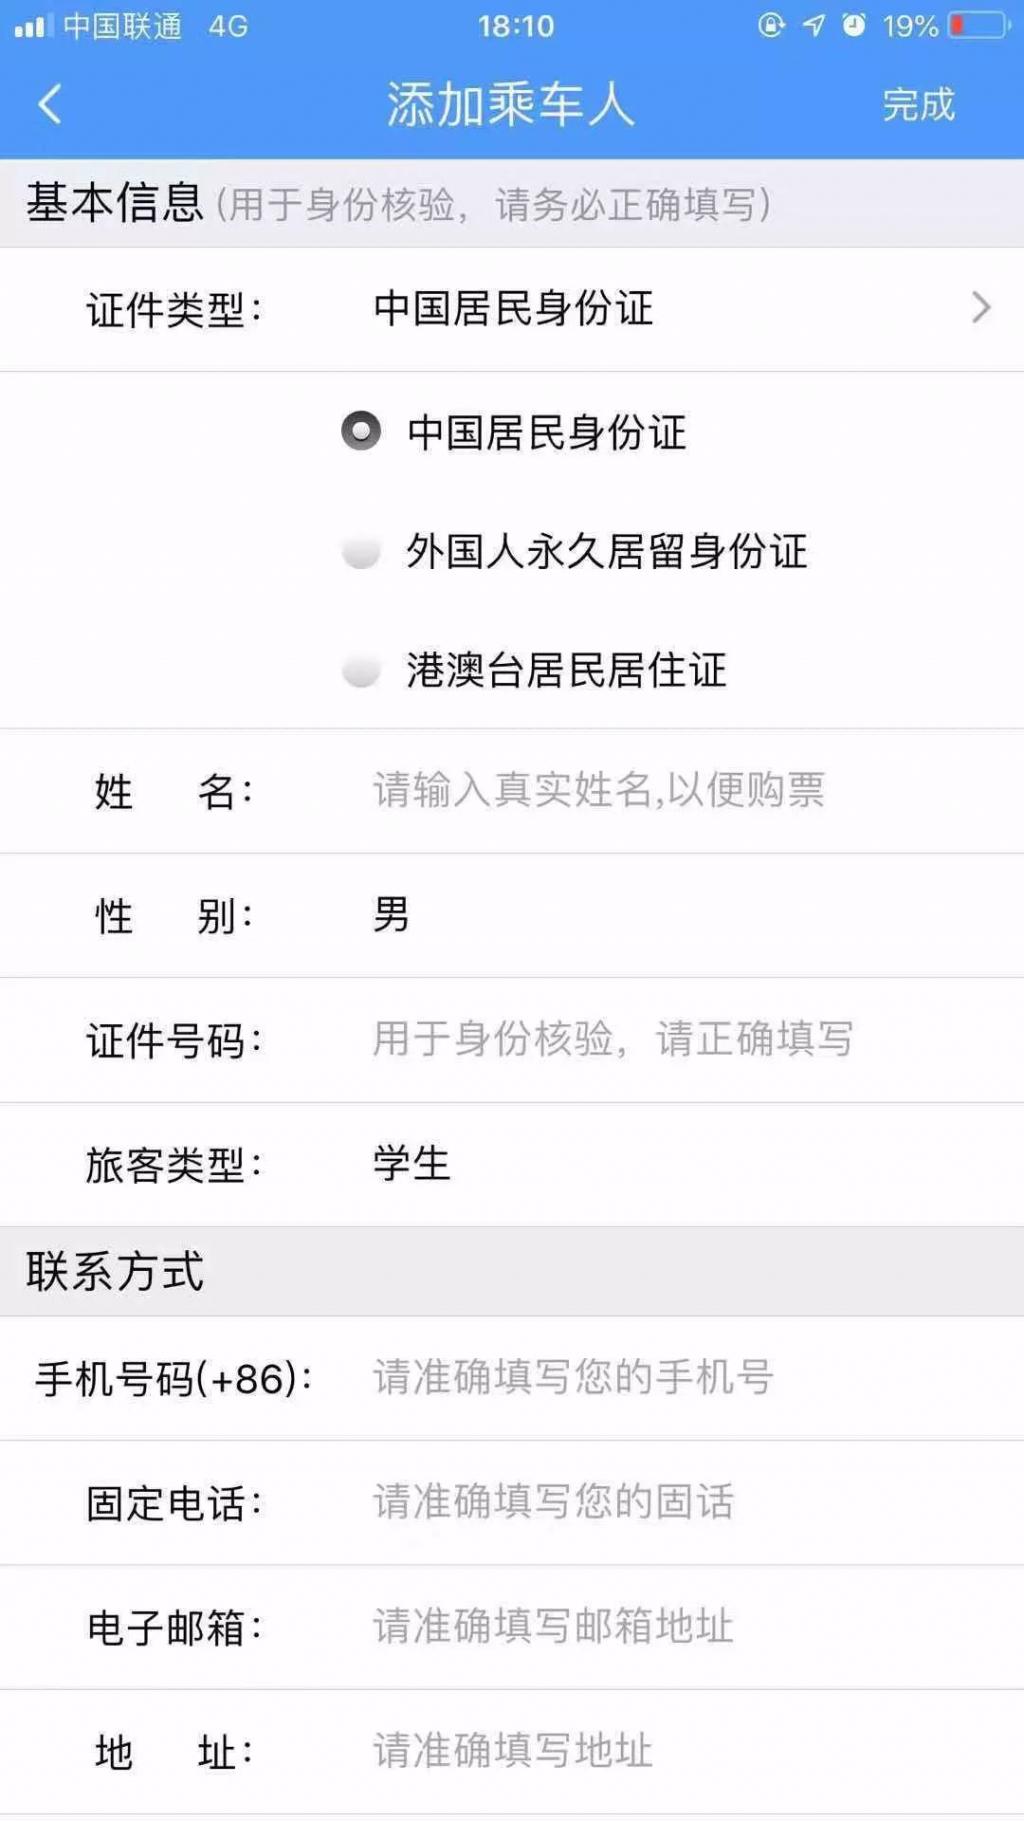 中秋节国庆节汽车票今起预售!用录取通知书买火车票有优惠